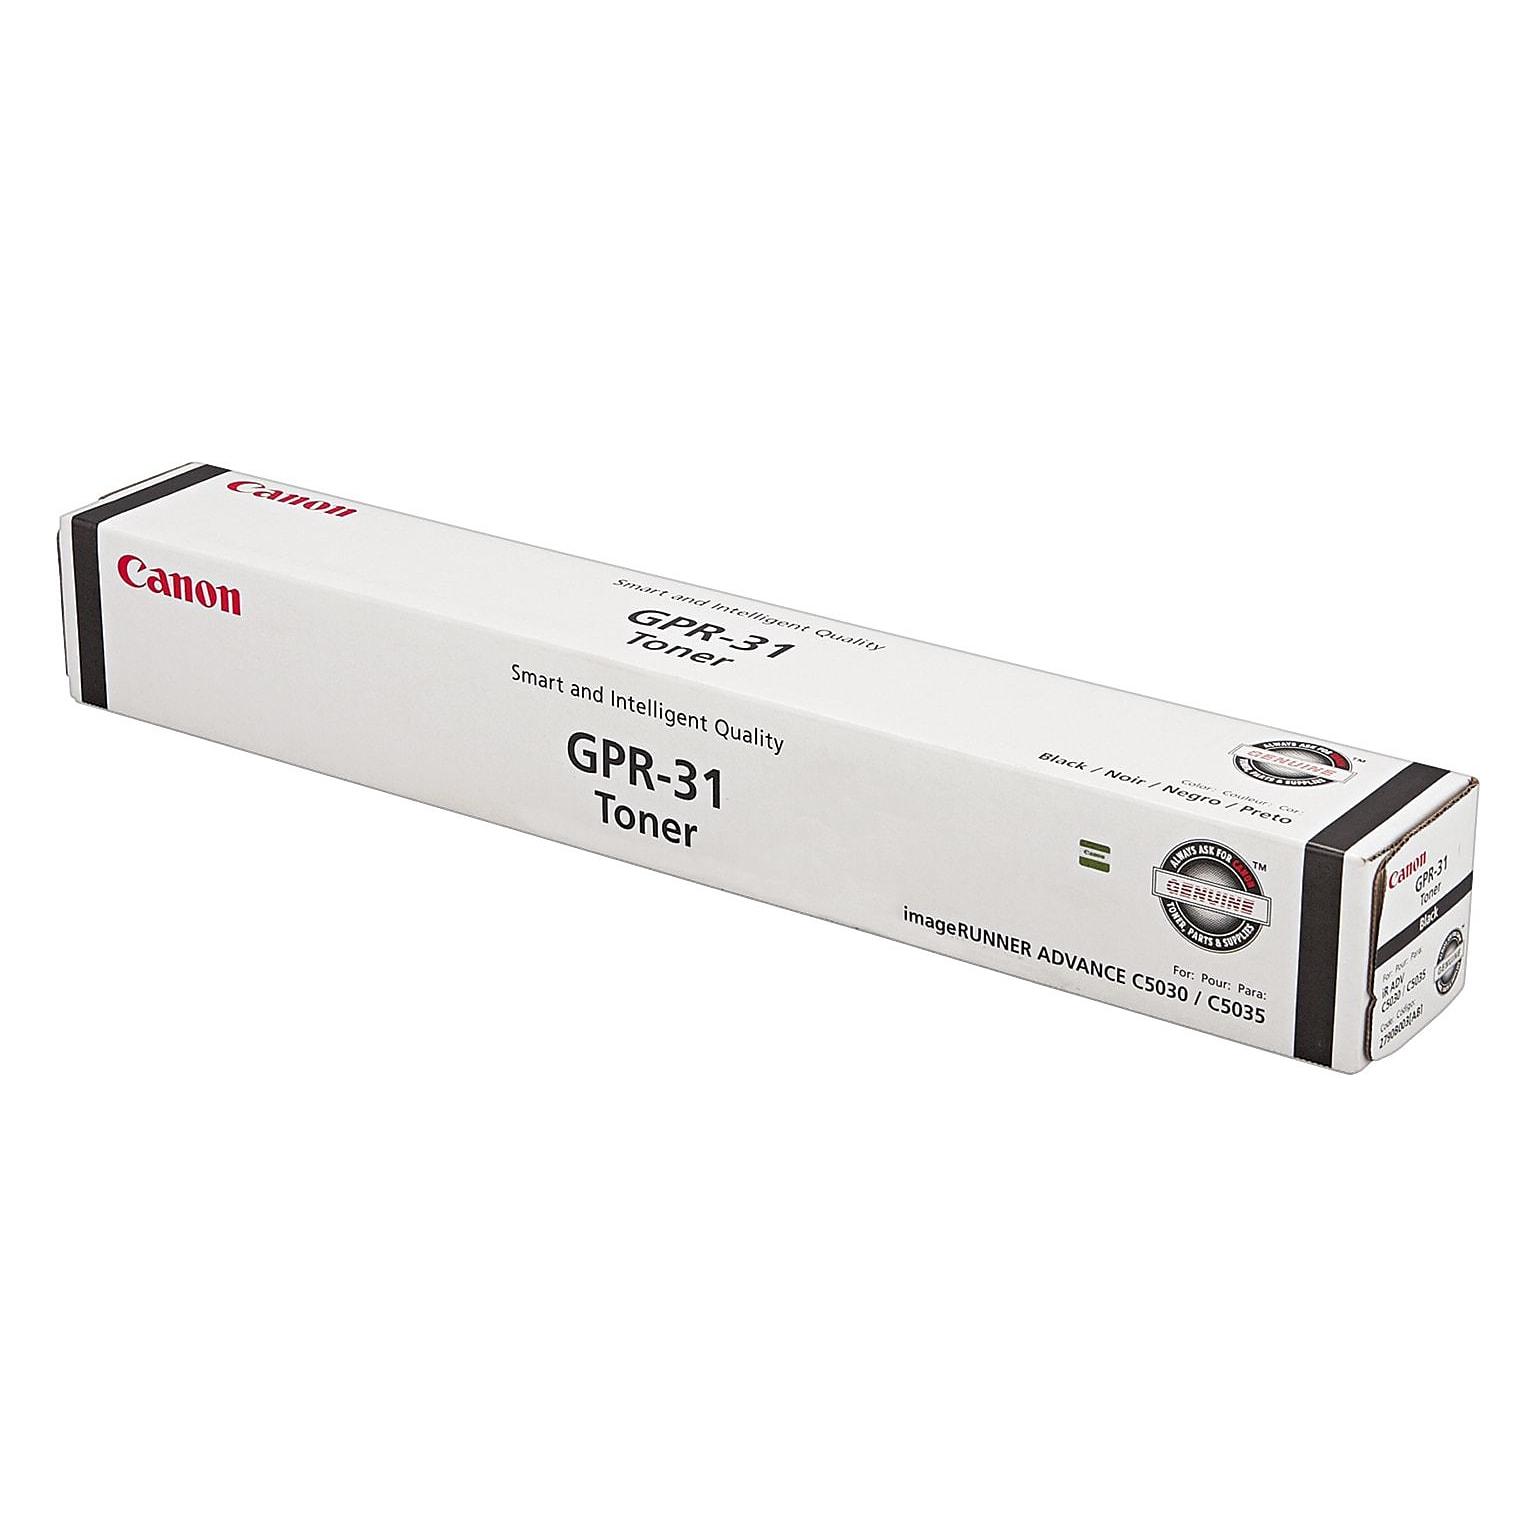 Canon GPR-31 Toner Cartridge (2790B003AA) - Black